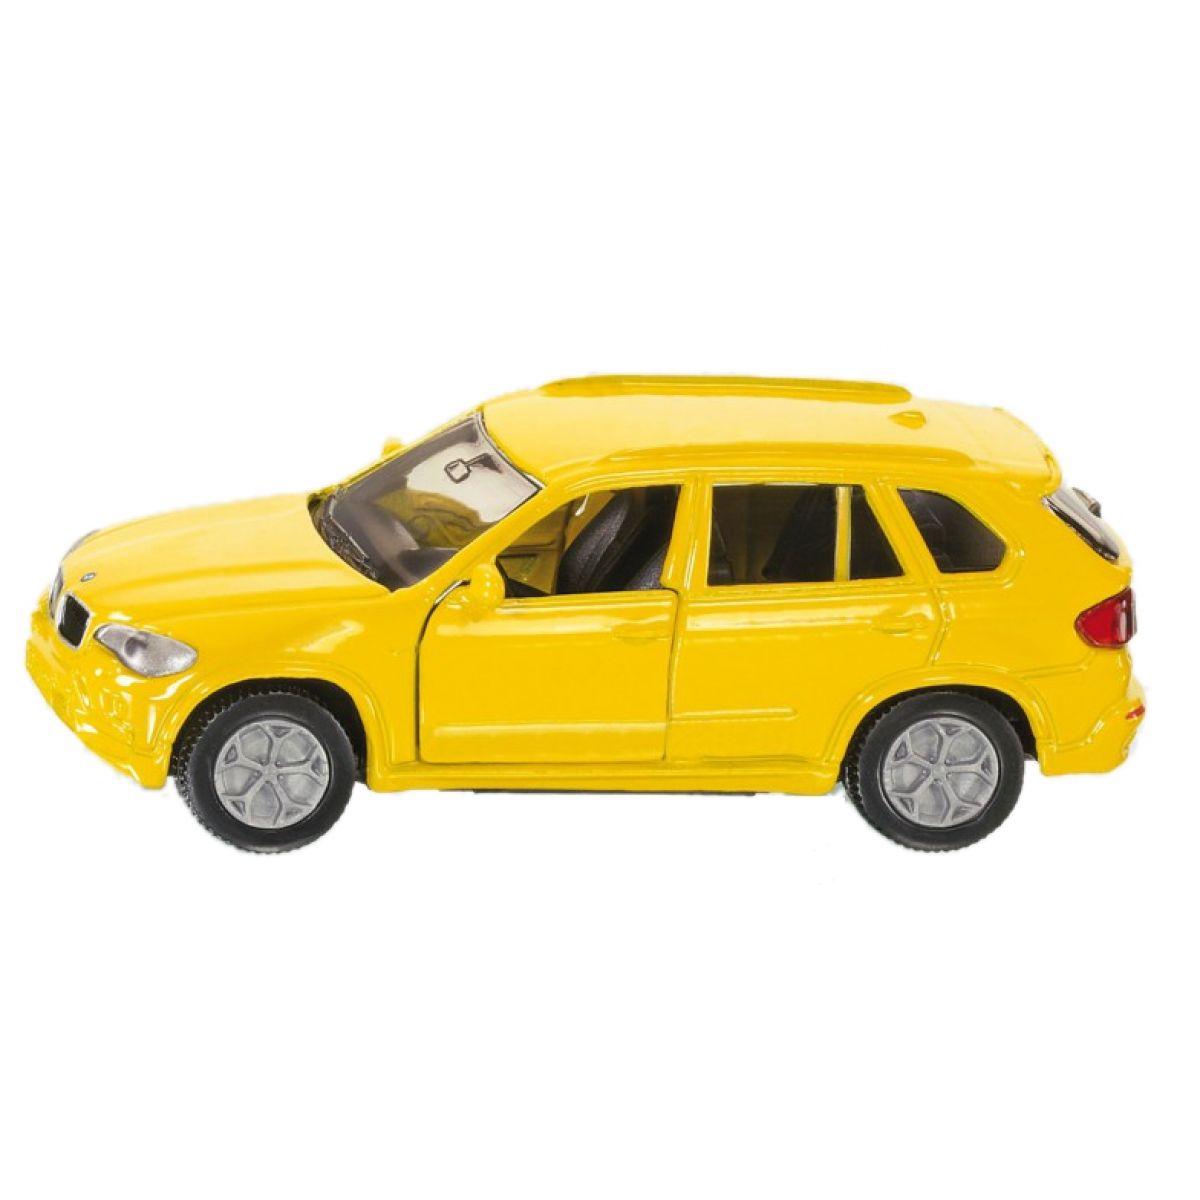 Siku 1432 BMW X5